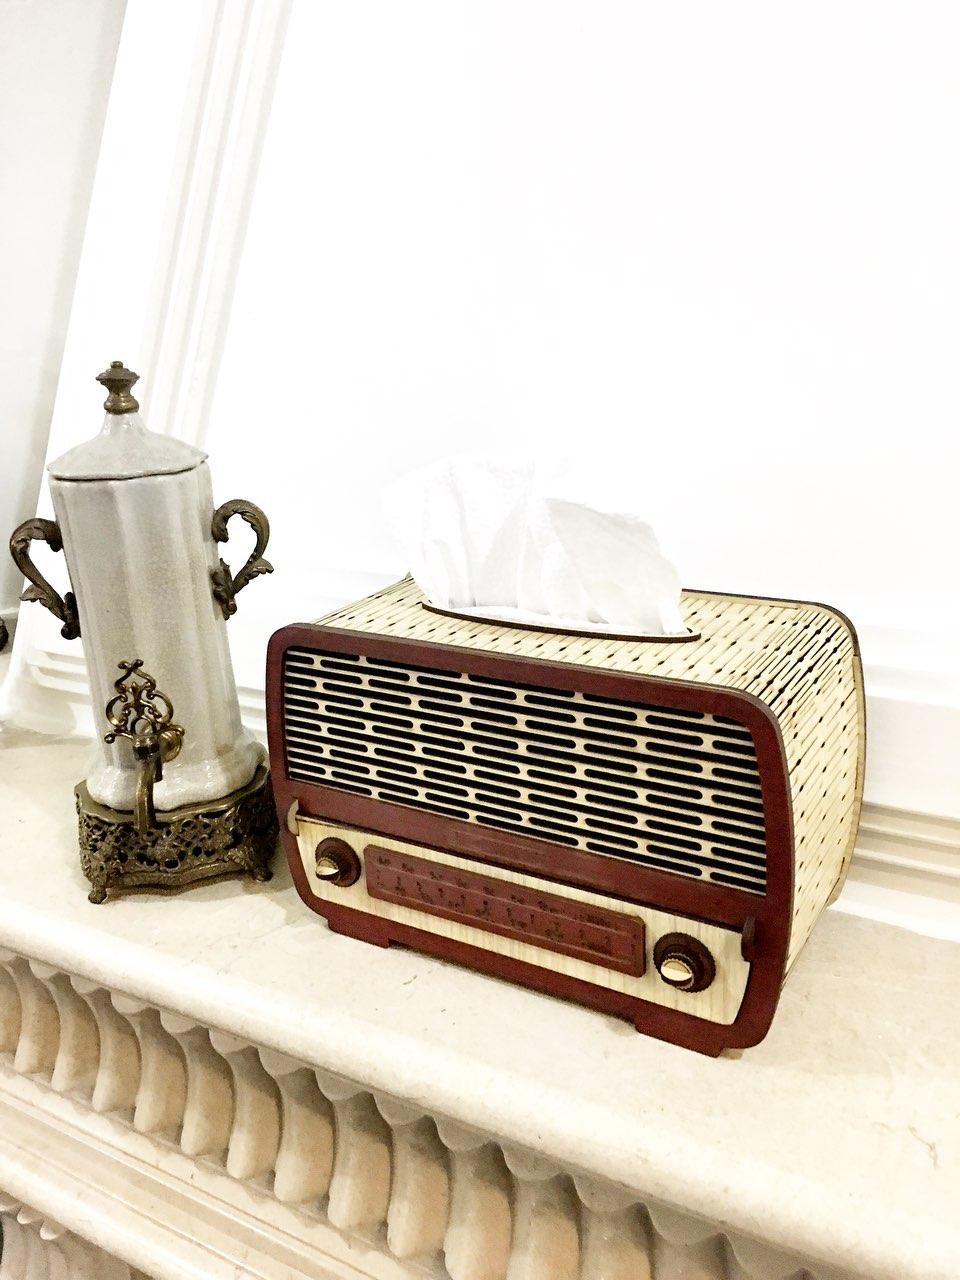 خرید جا دستمال کاغذی فانتزی شیک چوبی رادیو